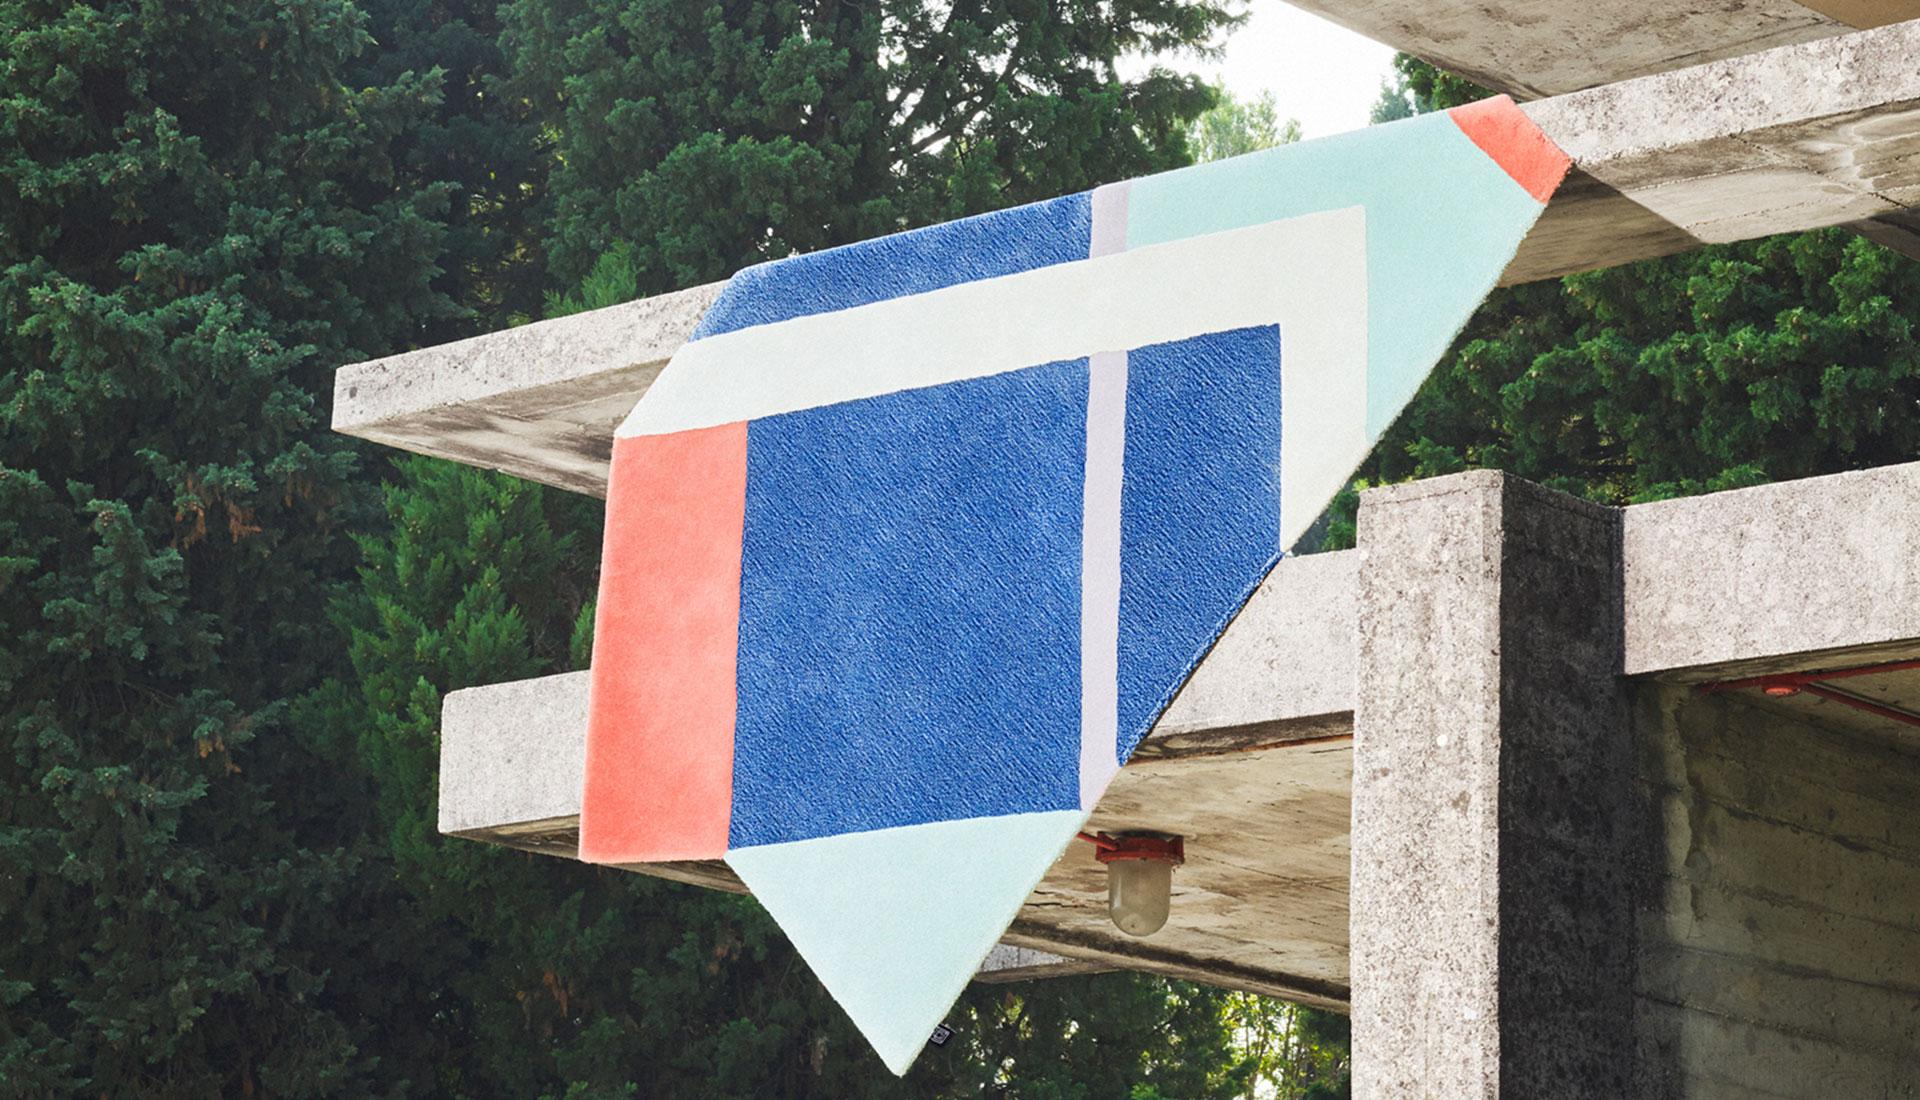 Alquati + Corso: ковры с активной геометрией